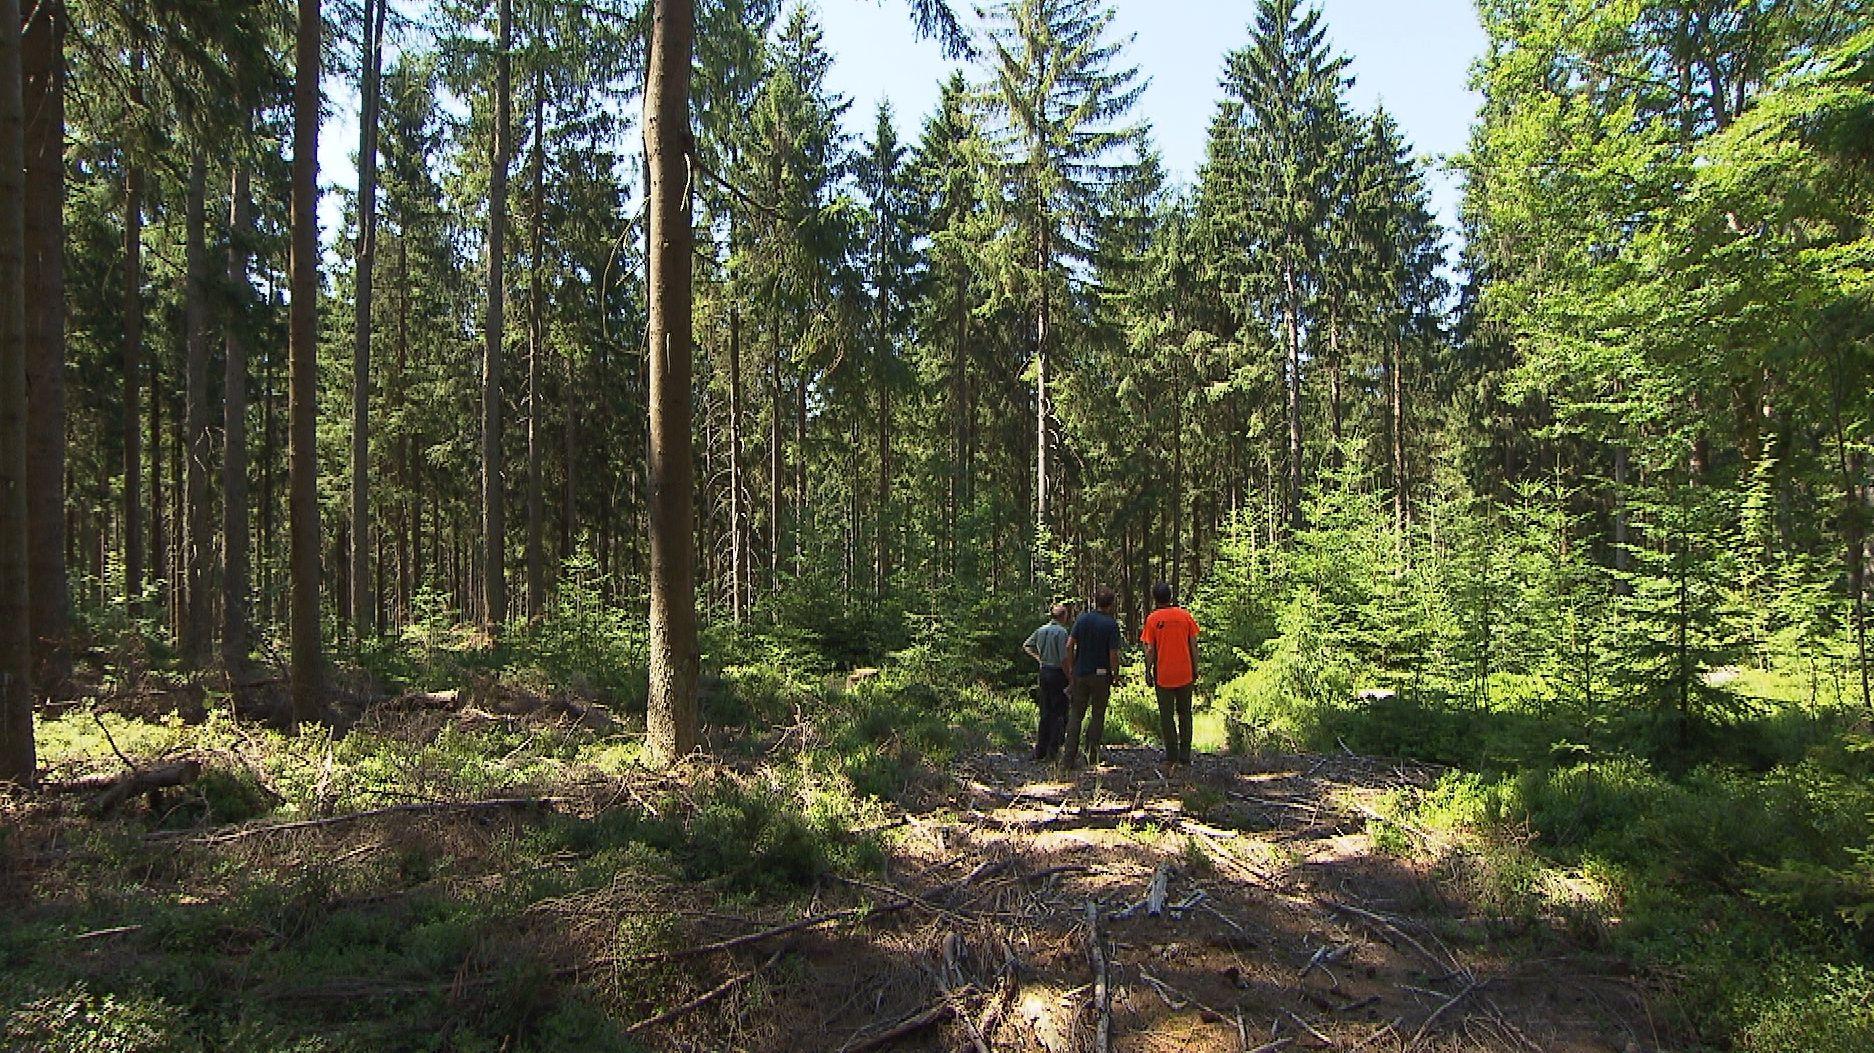 Aktivisten des bergwaldprojekts im Fichtelgebirge